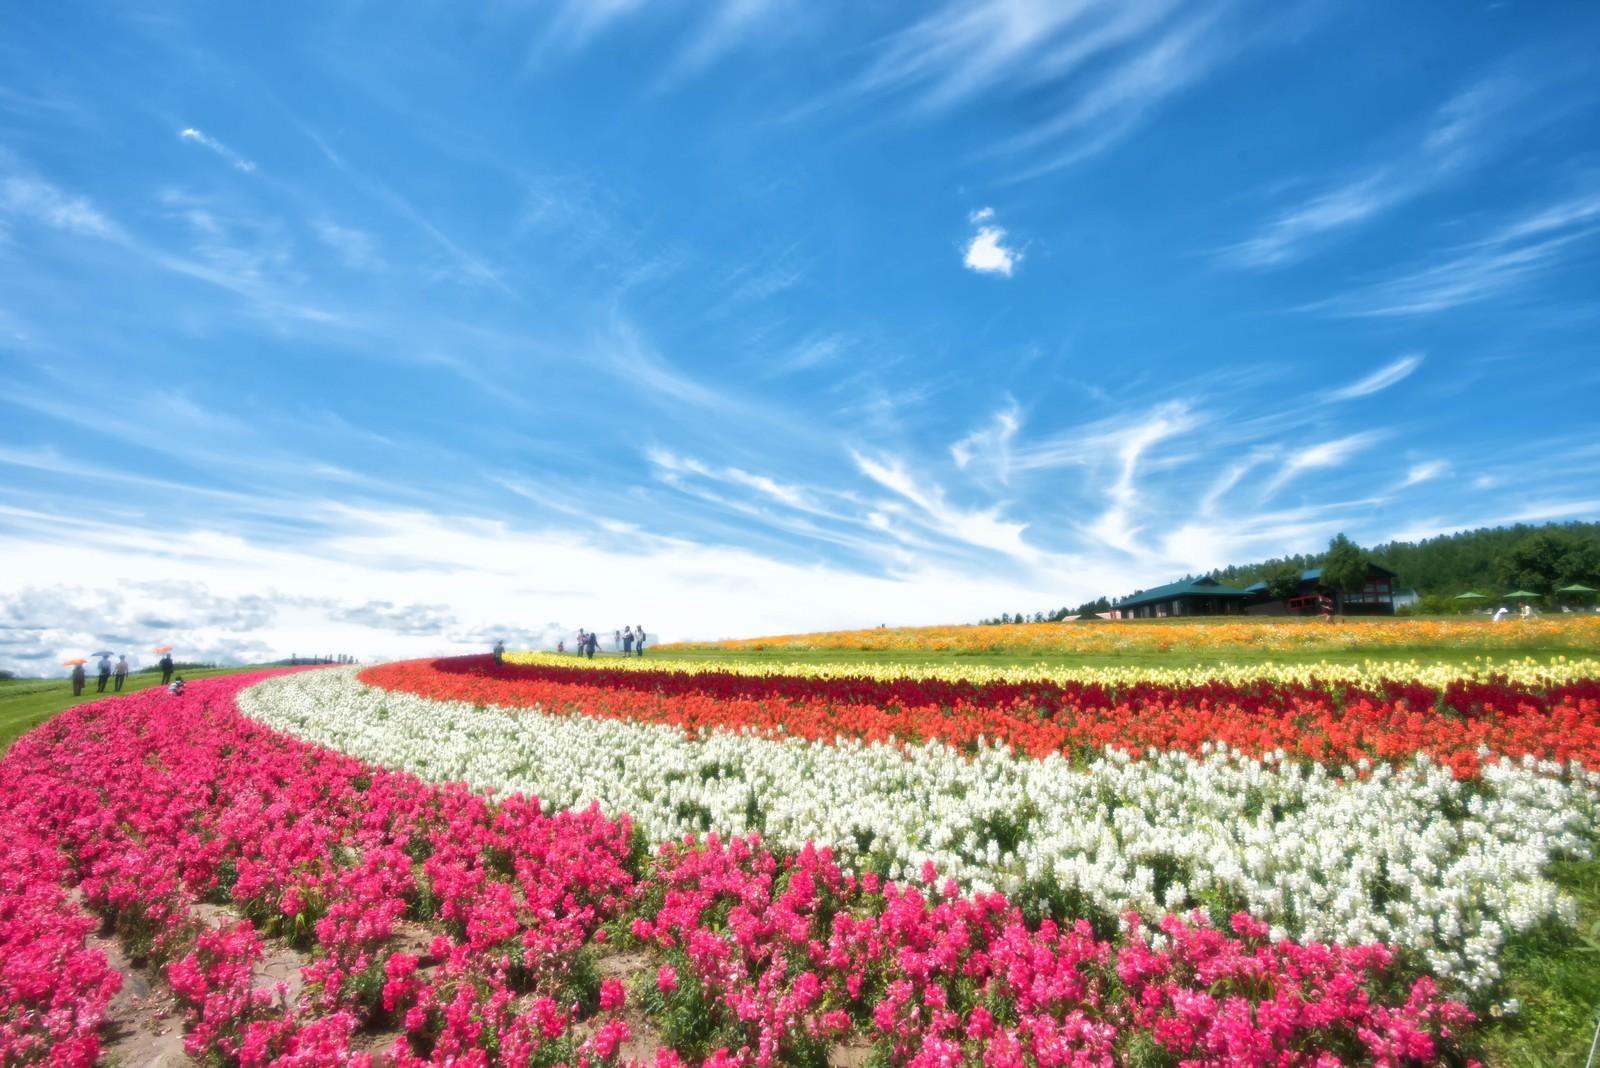 「色とりどりの花畑と青空が織り成す富良野の風景」の写真